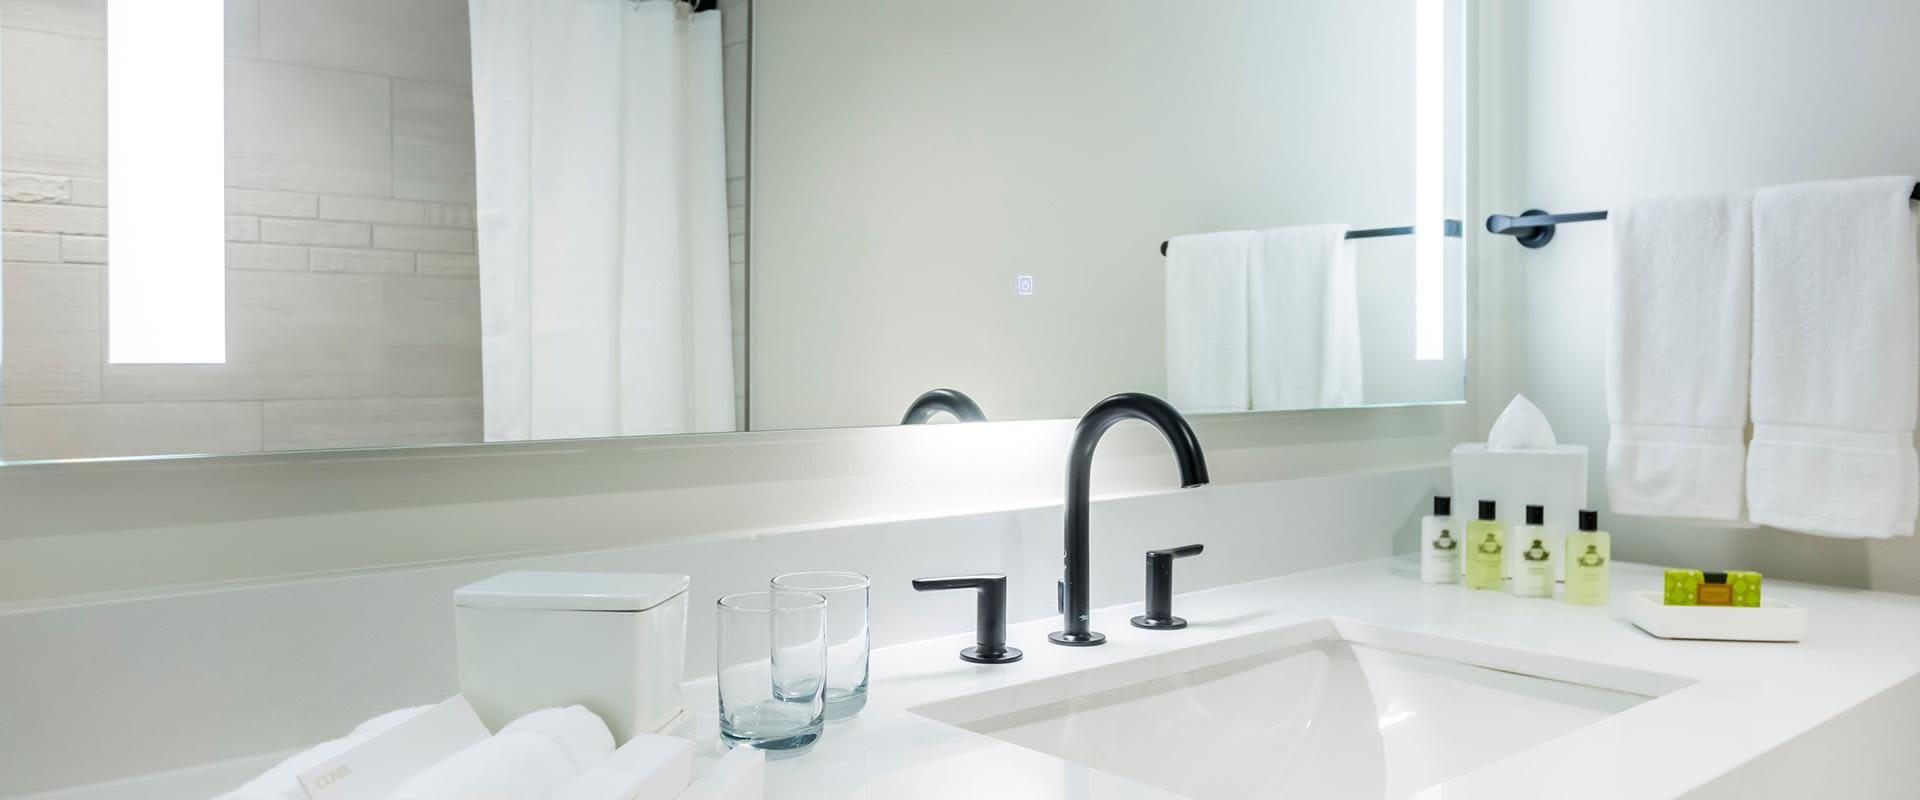 San Juan Resort Bathroom Vanity